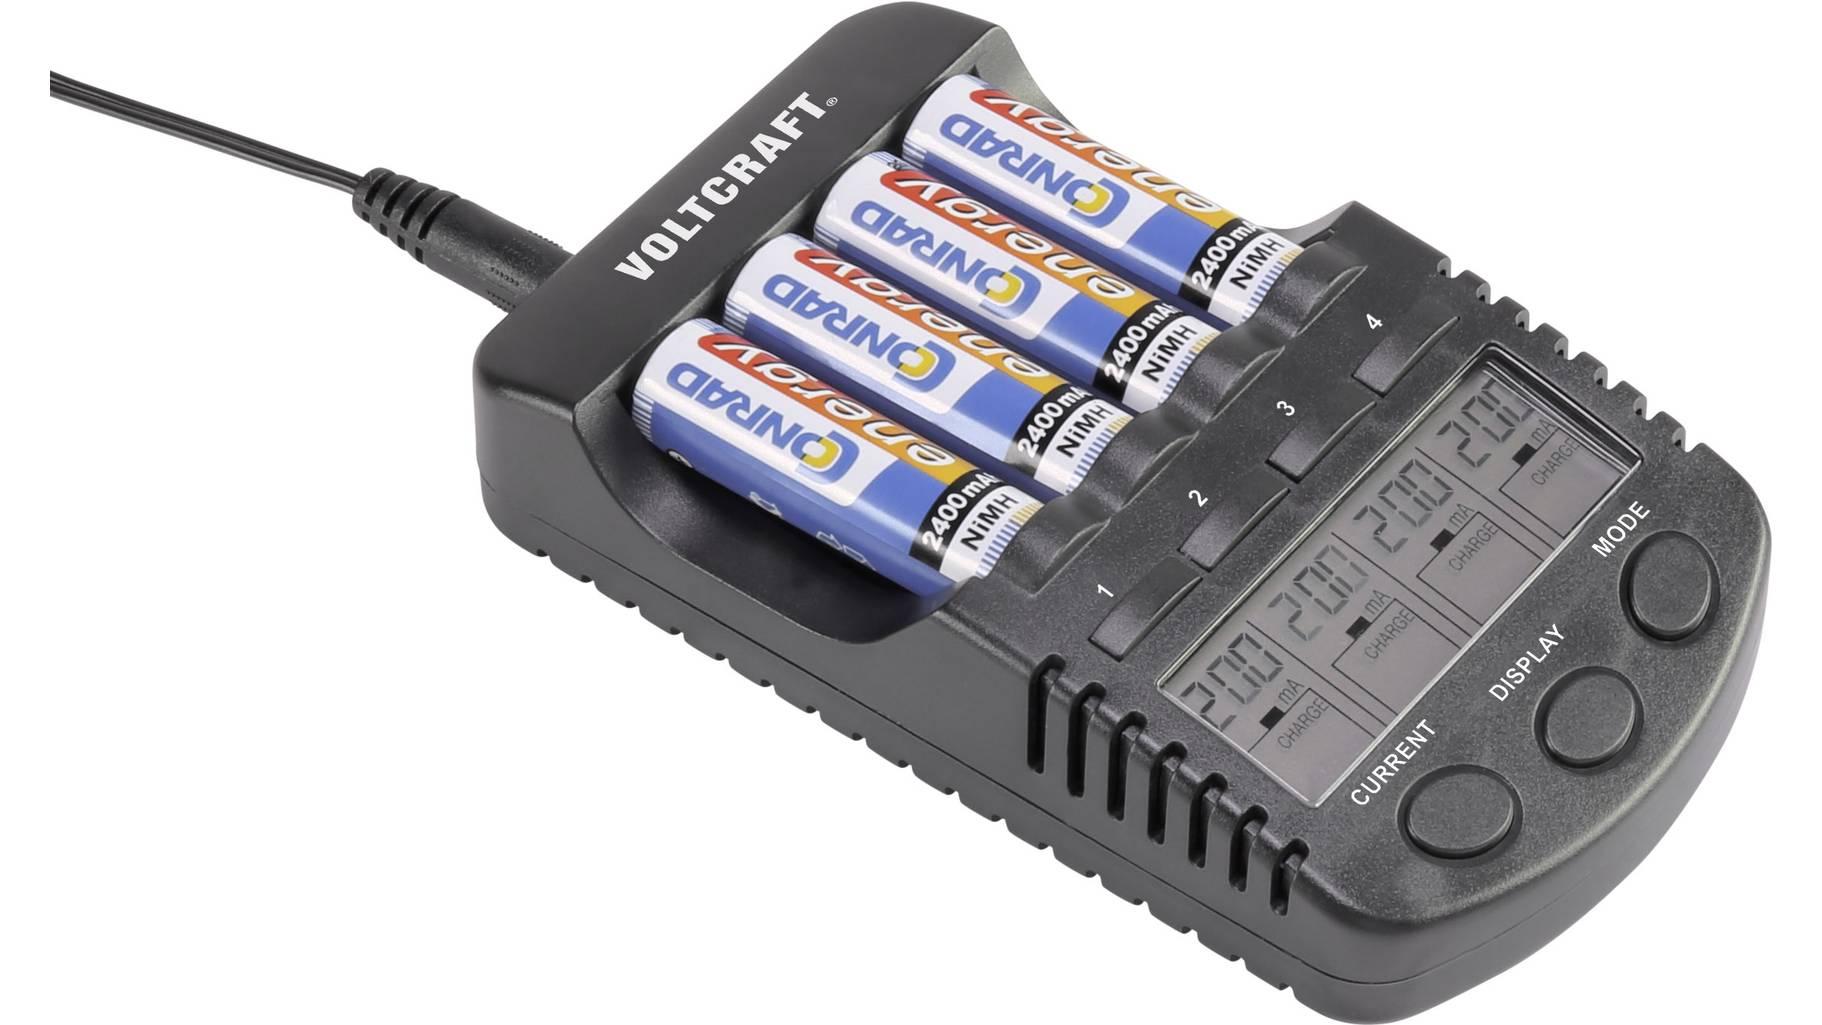 (Händlerdeal) VOLTCRAFT CC-1 Rundzellen-Ladegerät USB NiMH, NiCd Mignon (AA), Micro (AAA)